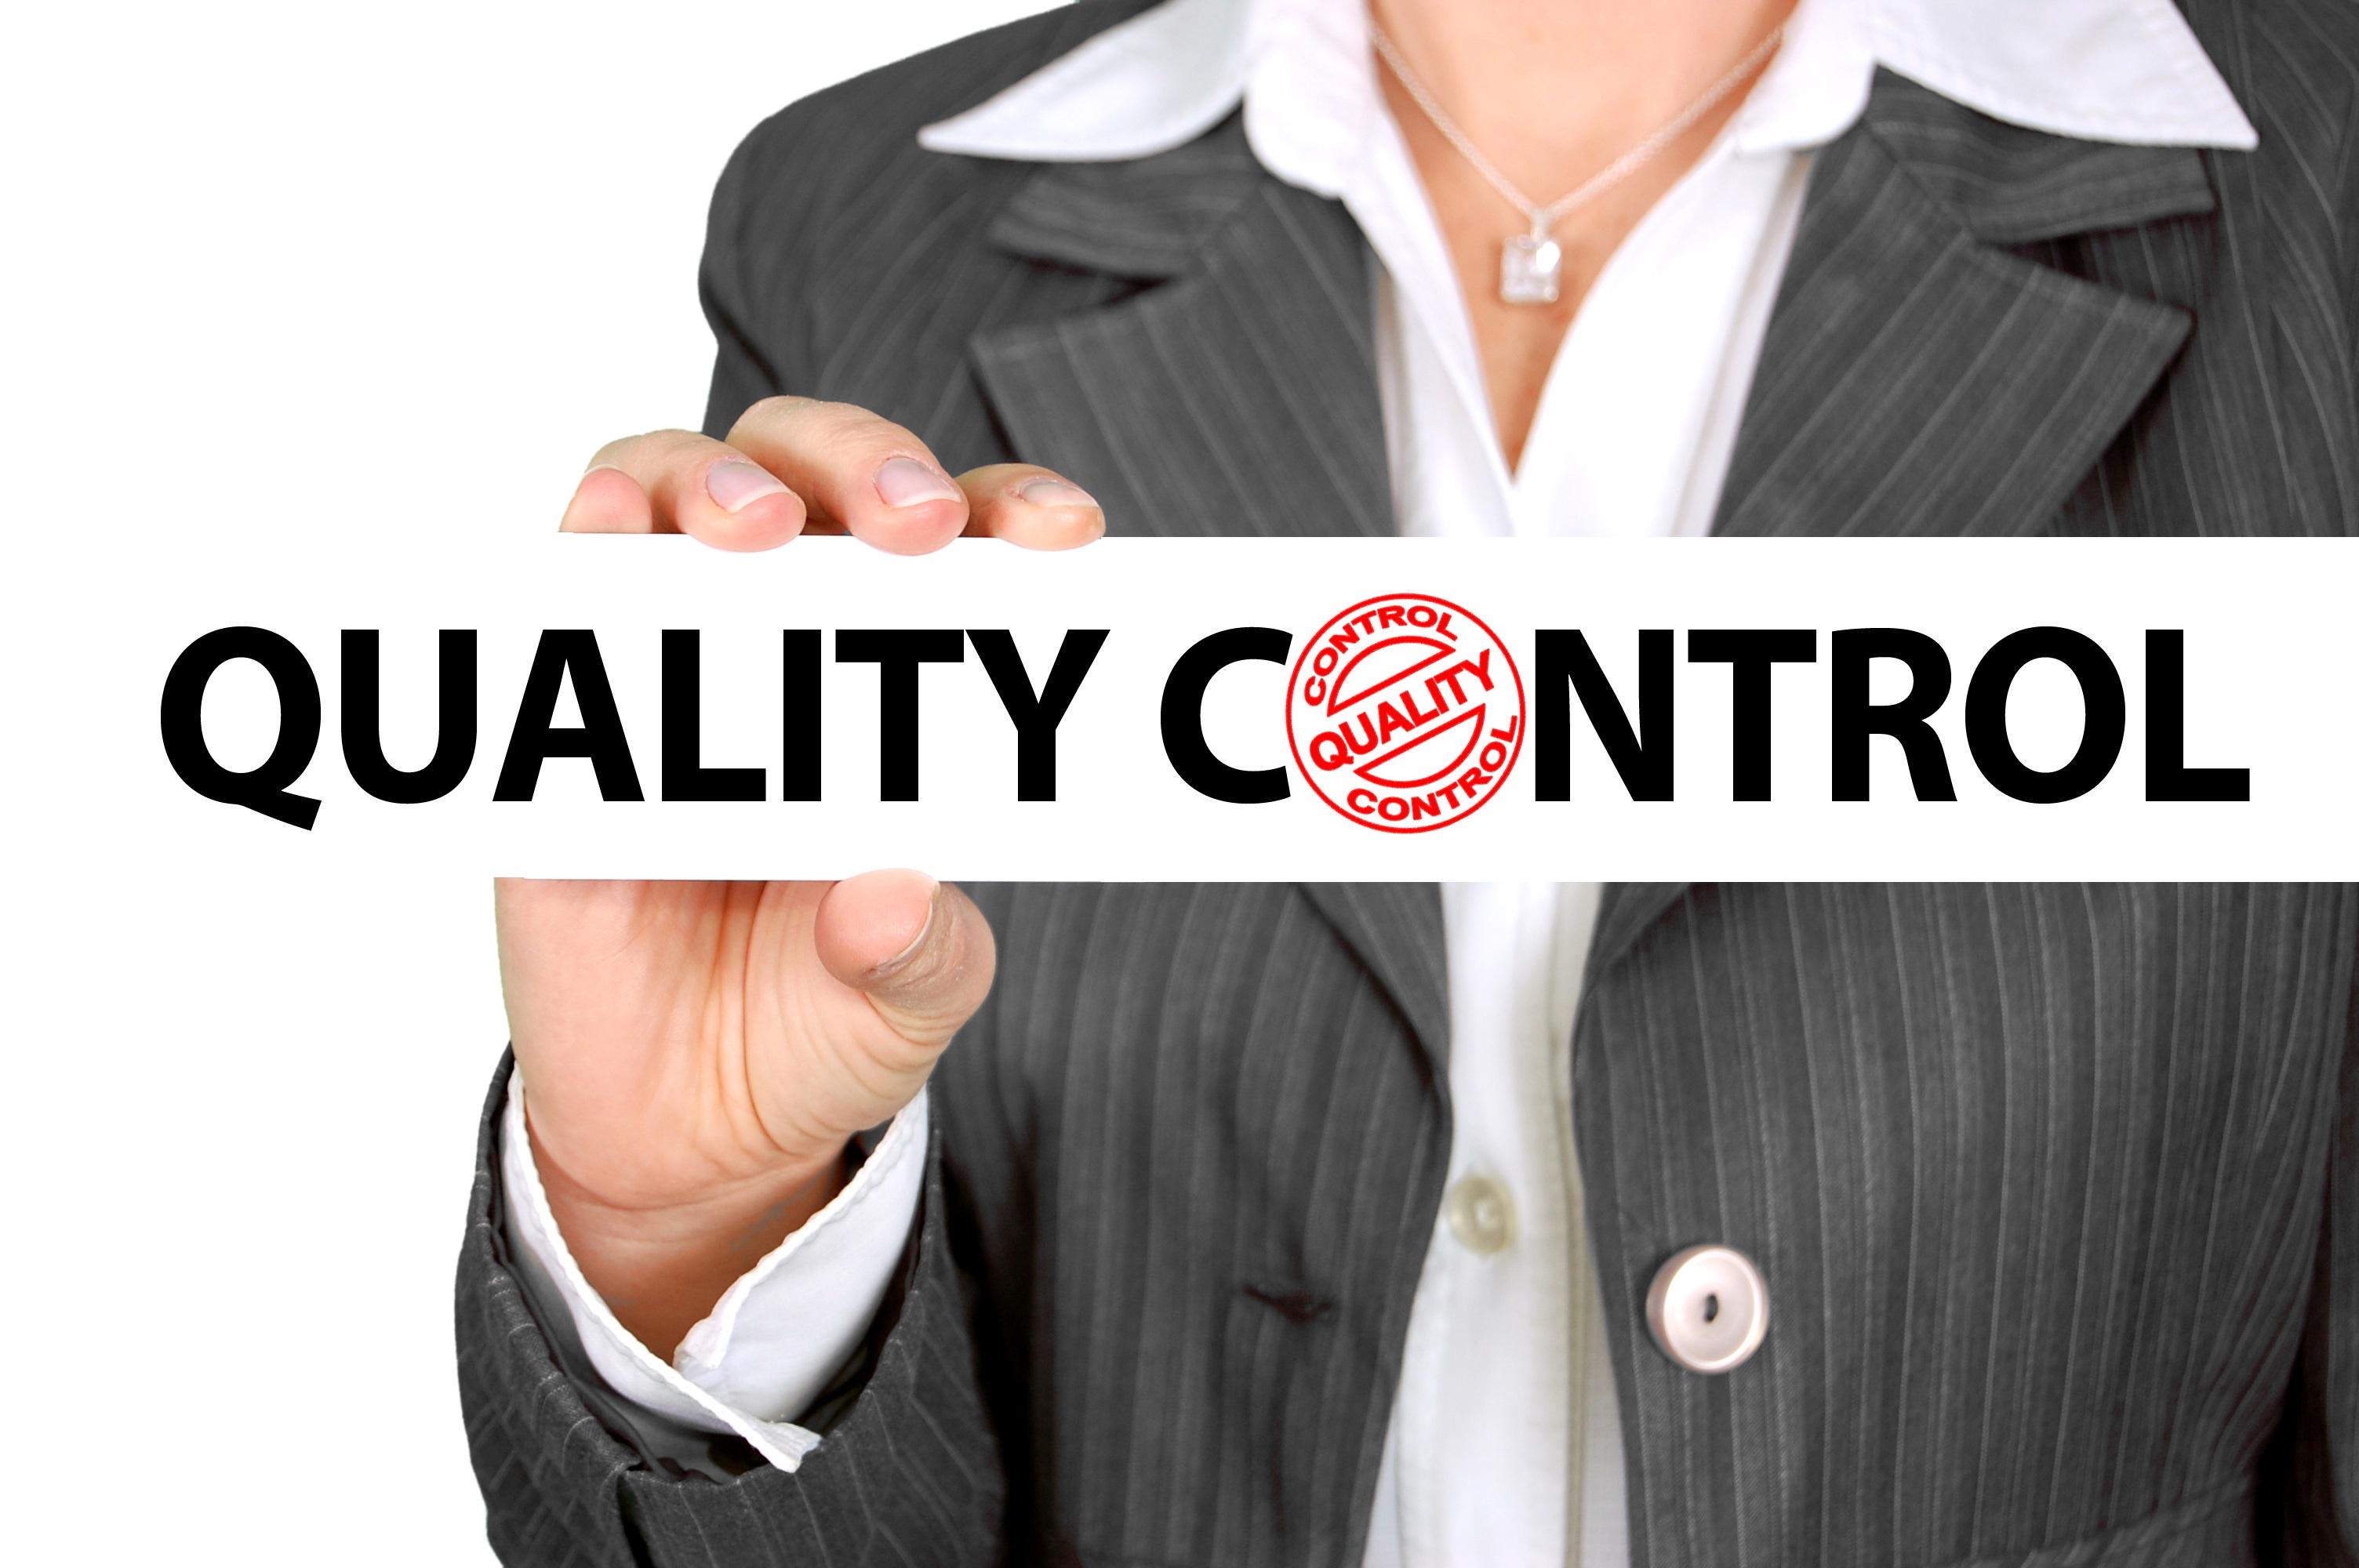 Qualitätssicherung Agentur Frankfurt